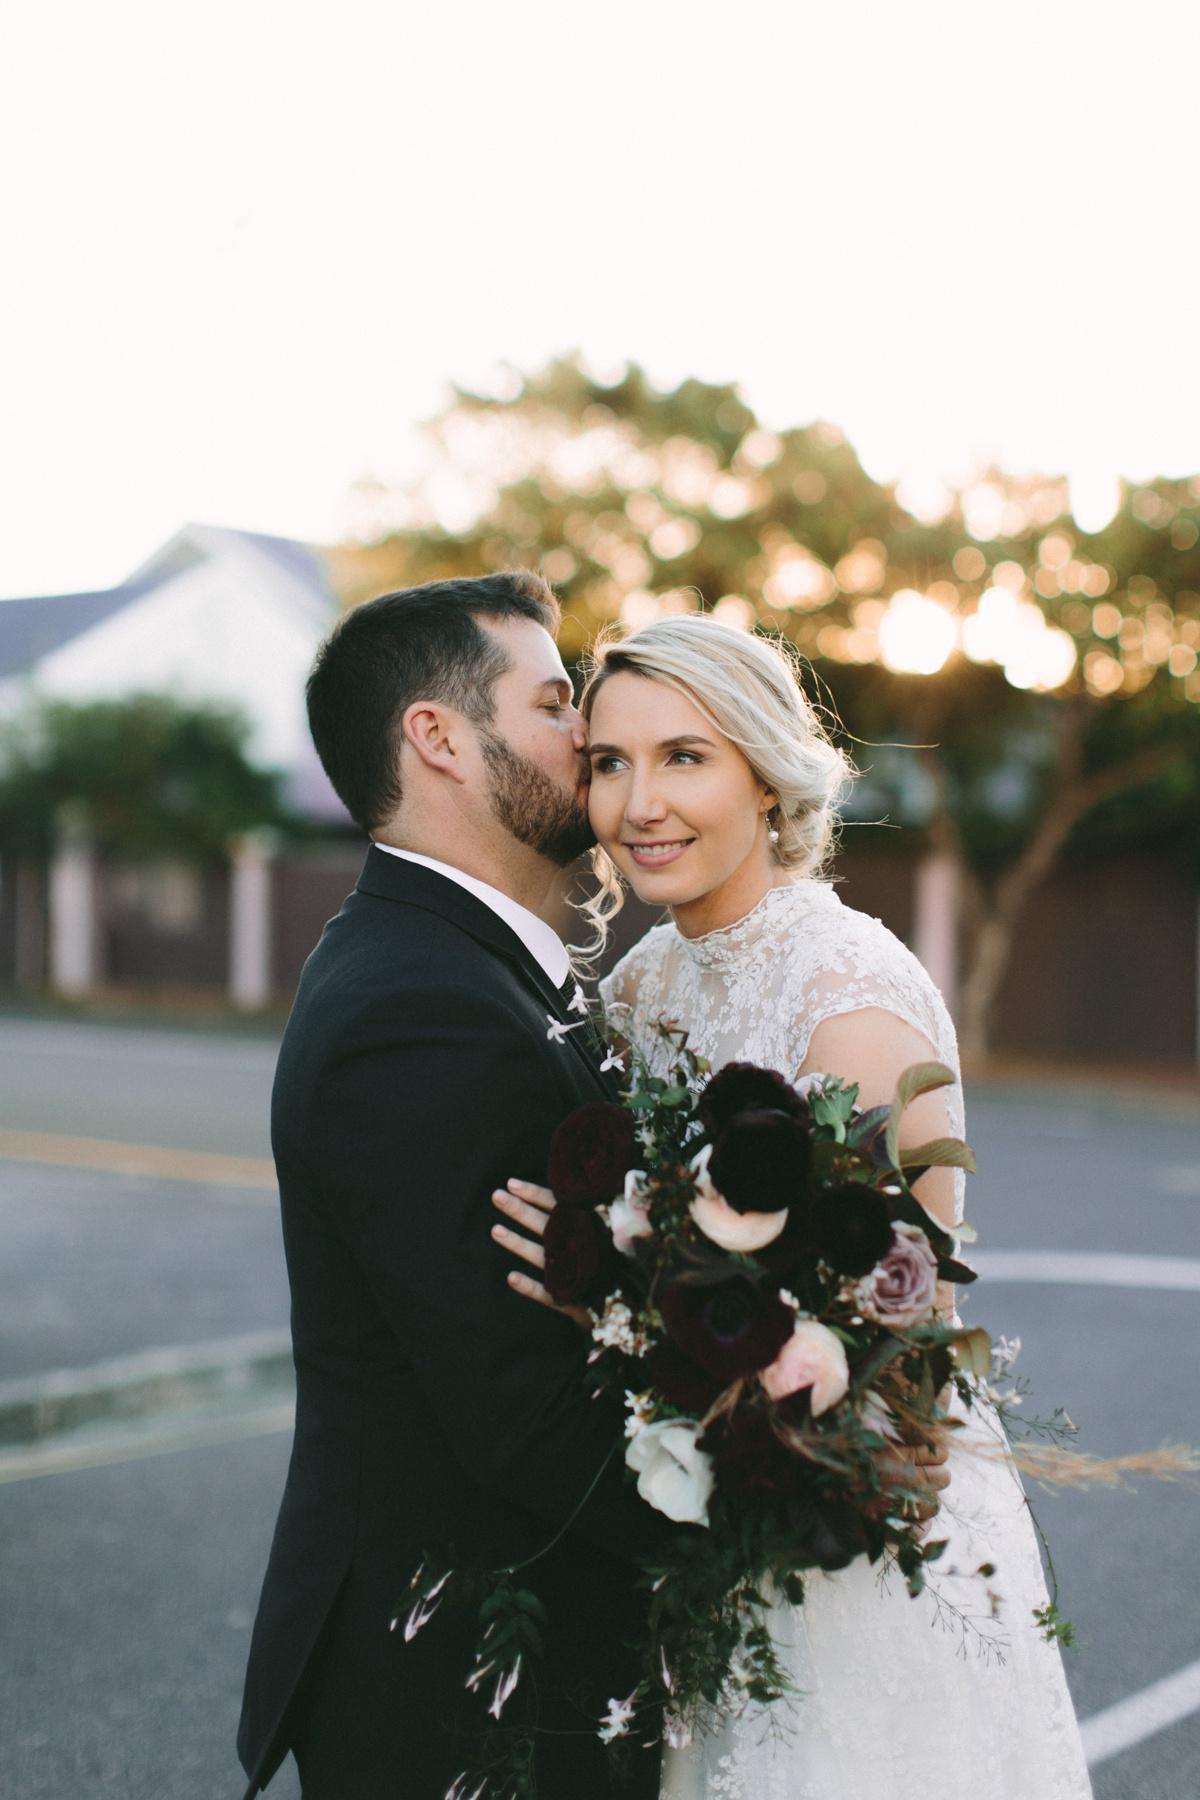 Adrian&Lindie_woodstock wedding103